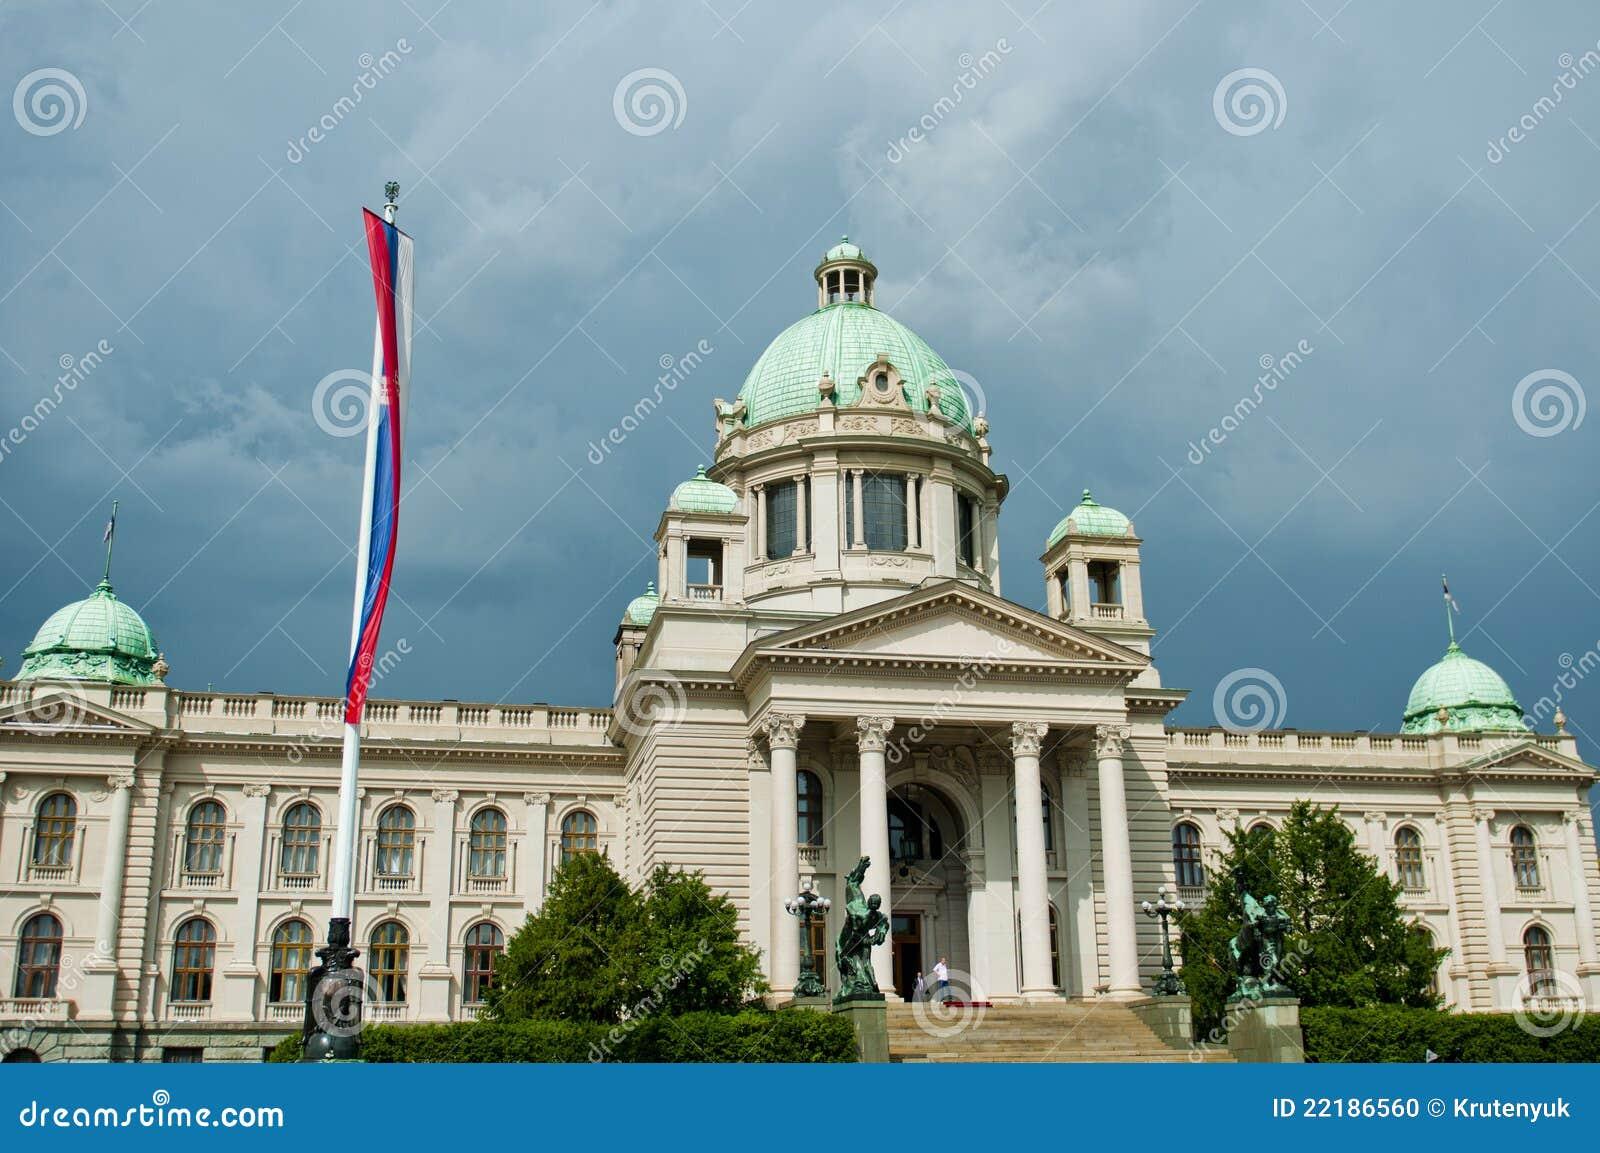 Κτήριο του Κοινοβουλίου σε Βελιγράδι, Σερβία